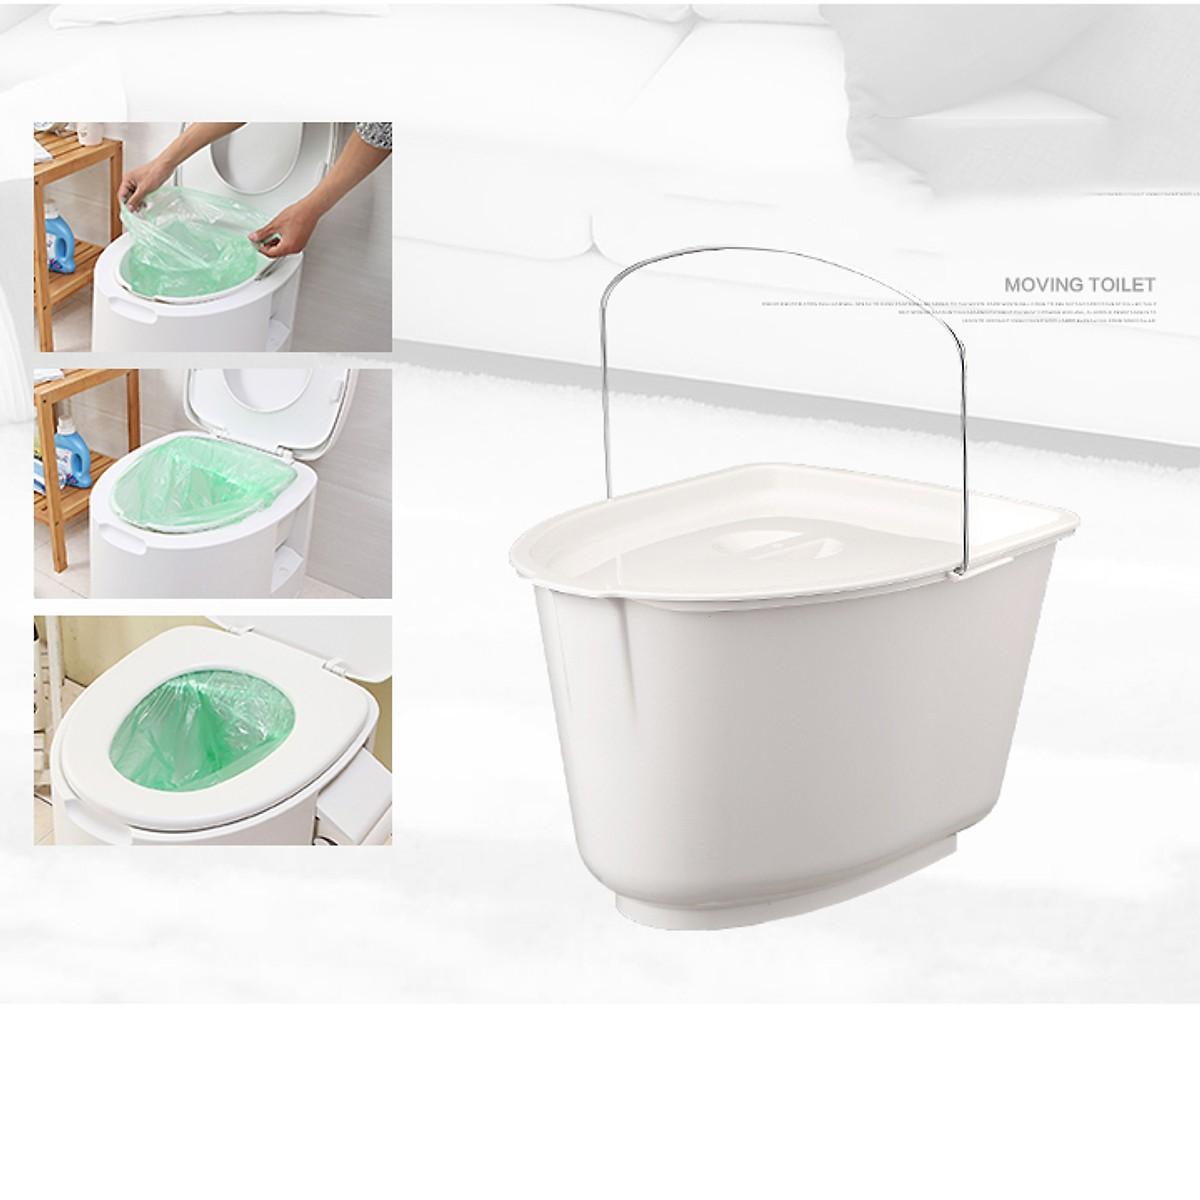 Bô vệ sinh - Bô vệ sinh đa năng - ghế bô vệ sinh cho người già